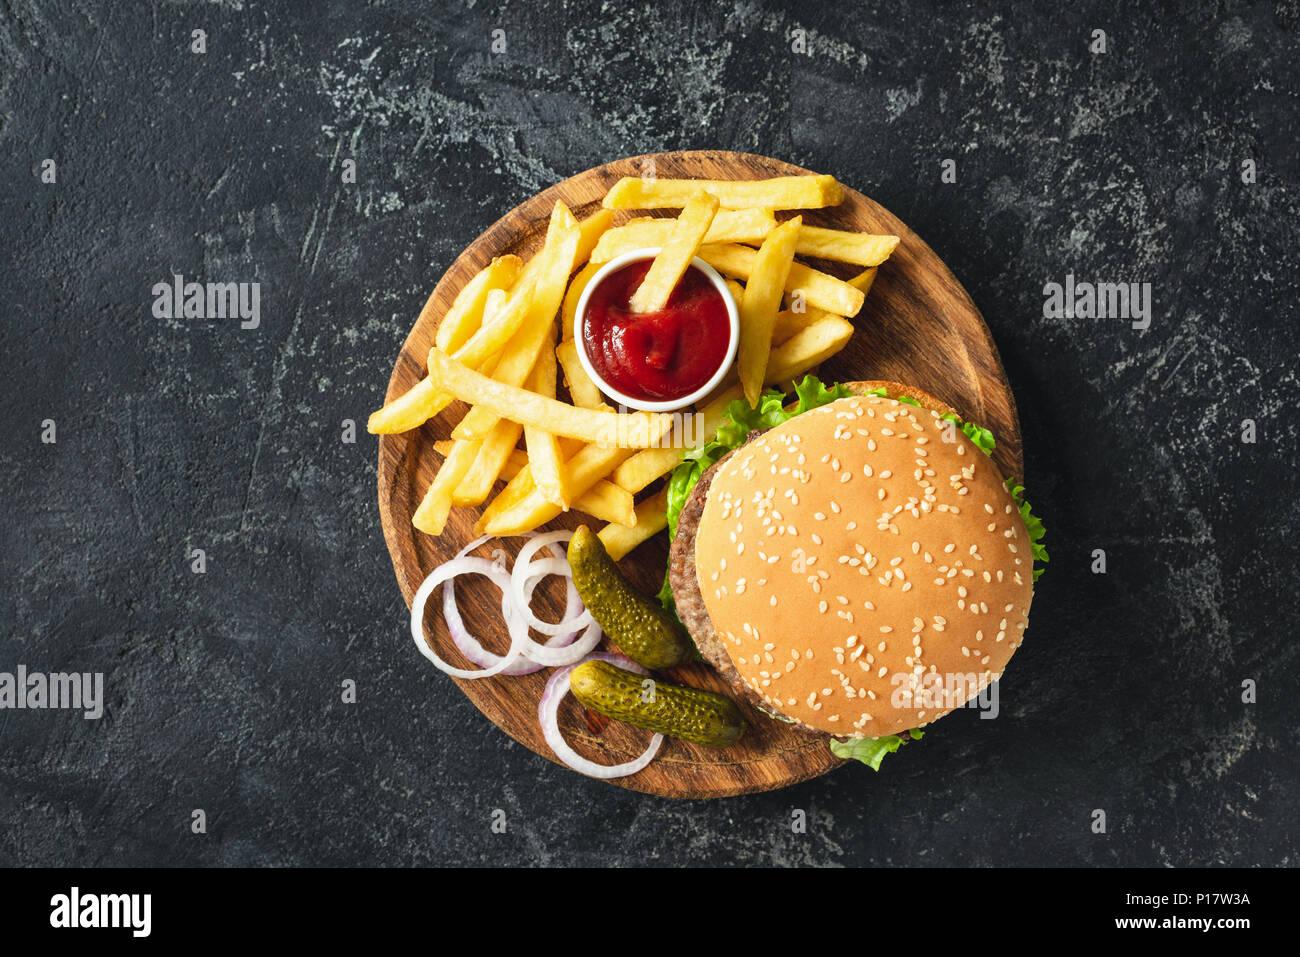 Burger, Hamburger oder Cheeseburger mit Pommes Frites, Essiggurken und Zwiebeln auf Holzbrett serviert. Ansicht von oben. Fast food Konzept Stockbild